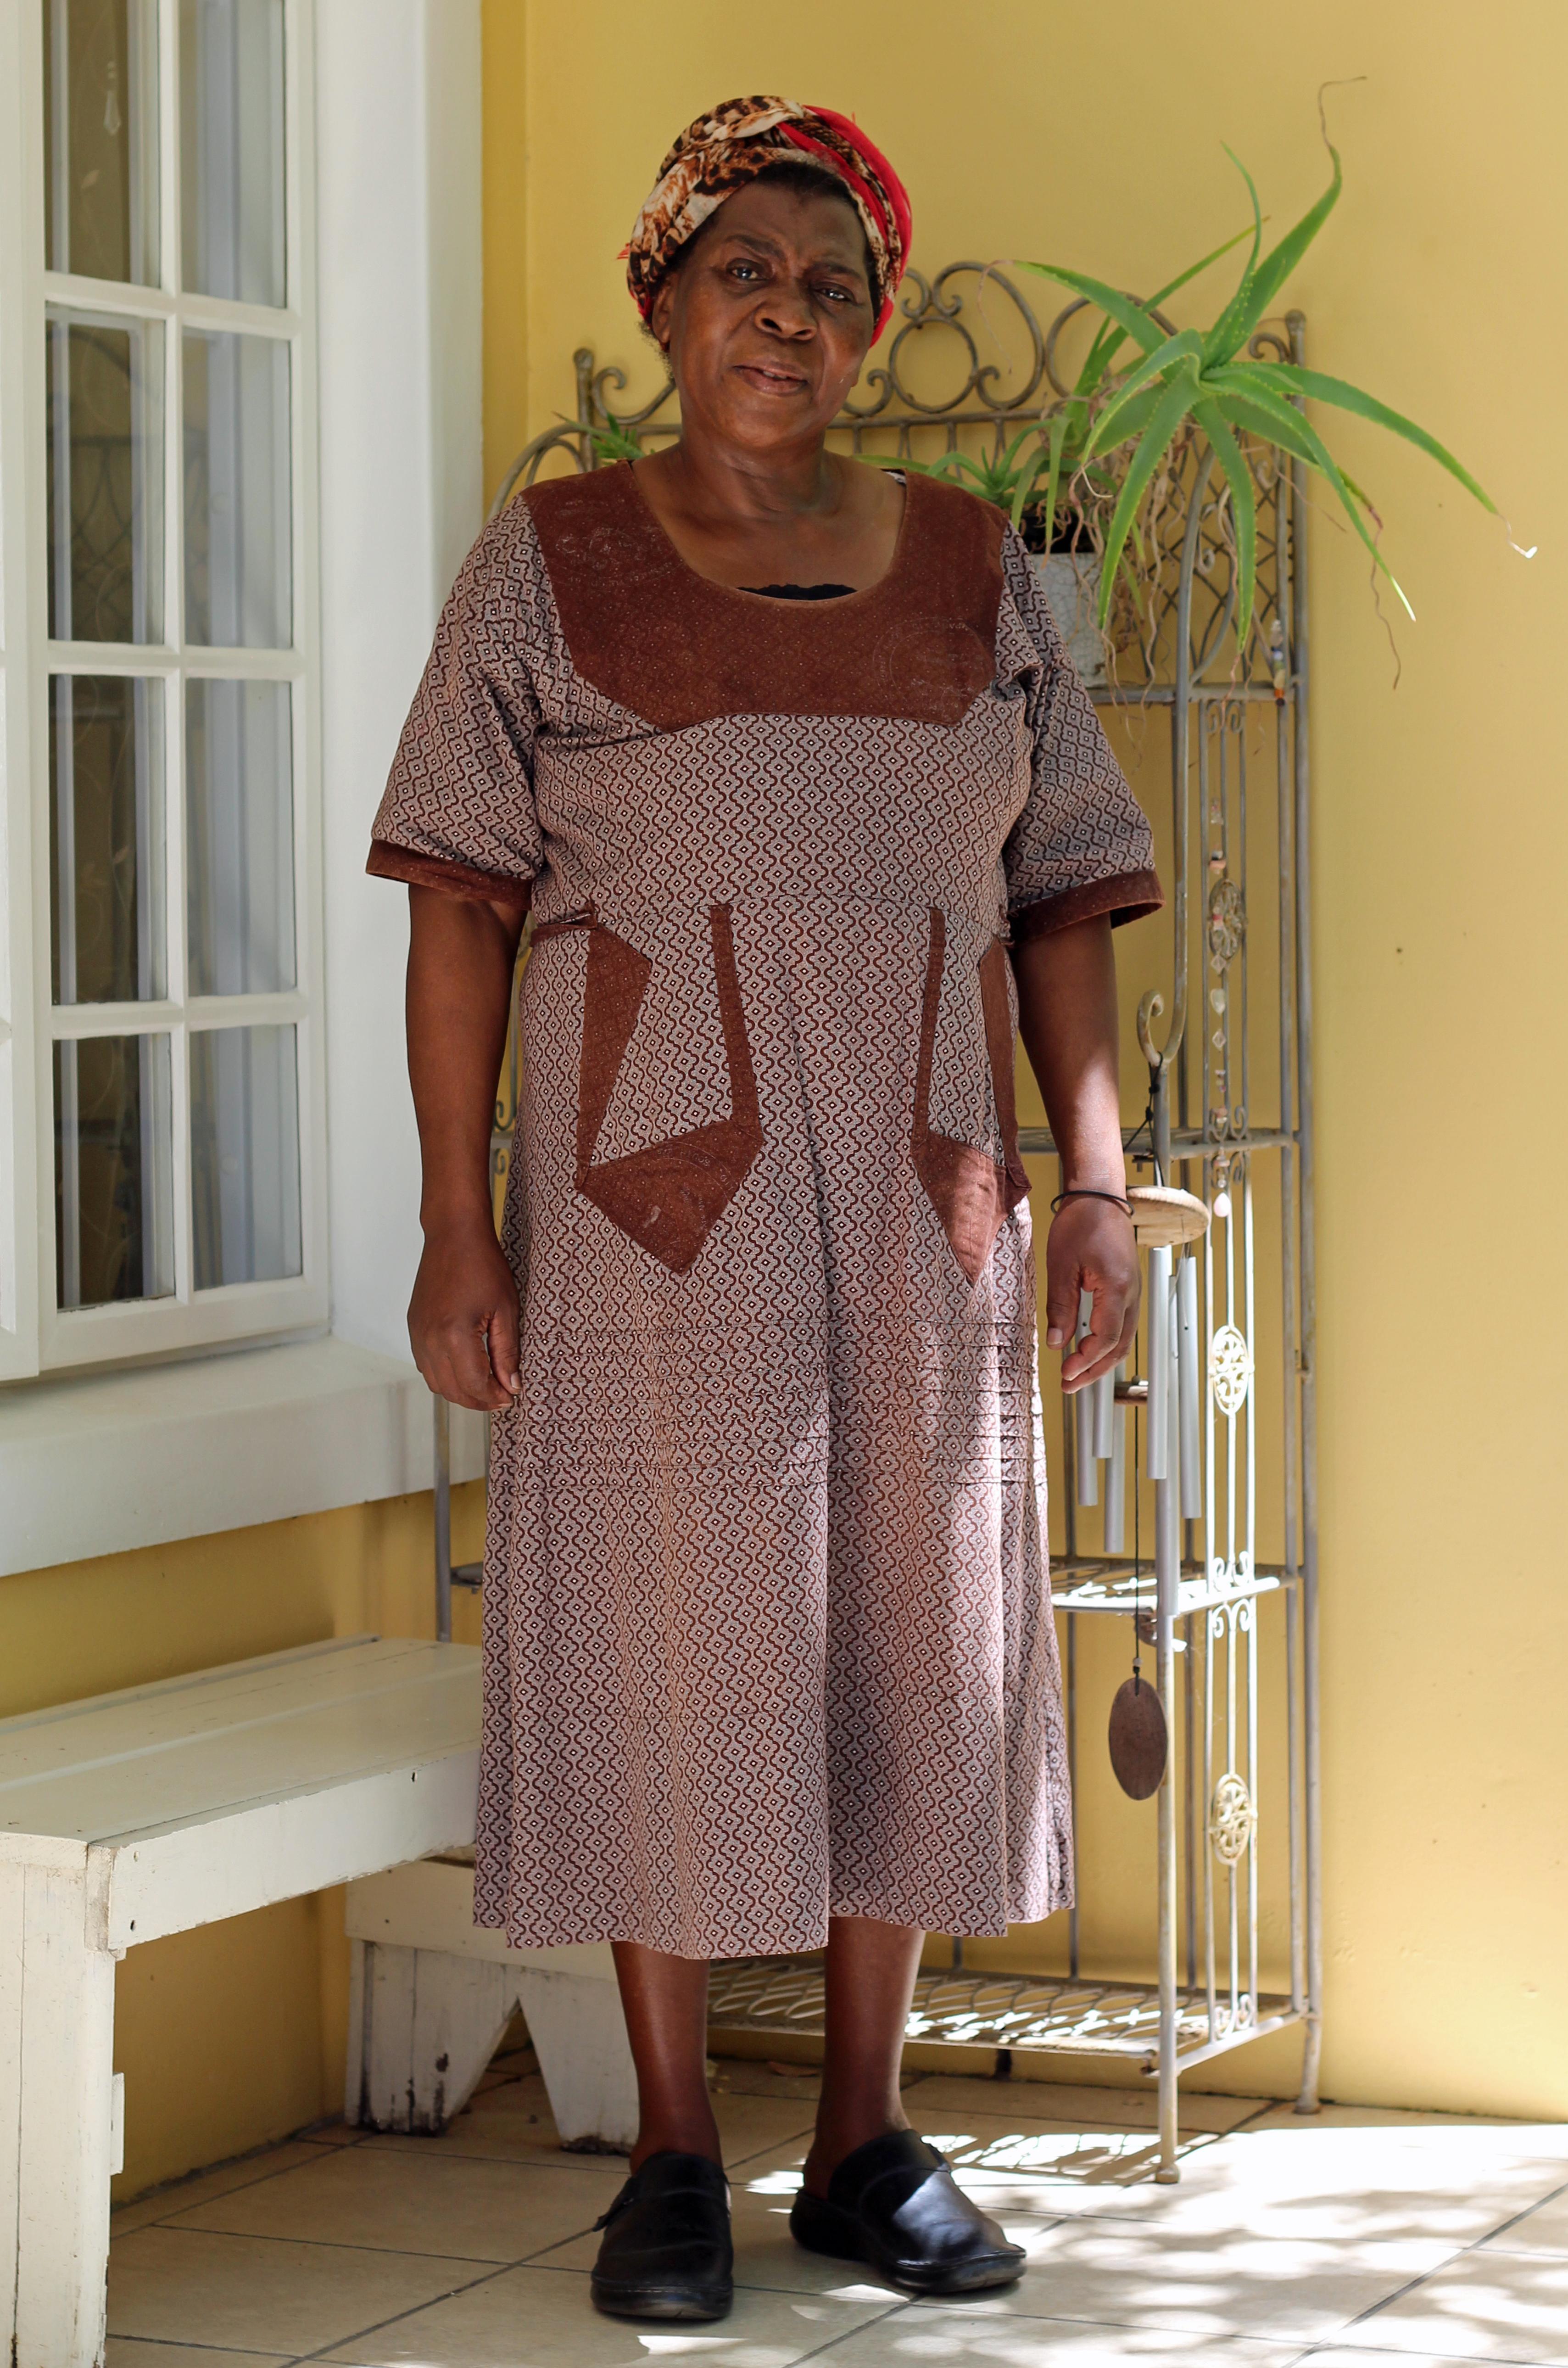 File:Jane in brown shweshwe.jpg - Wikimedia Commons